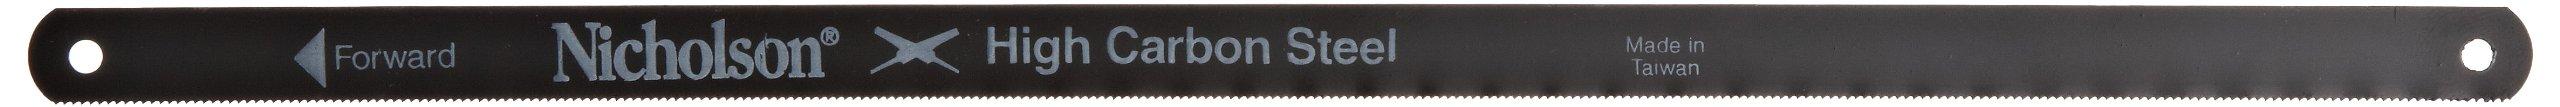 Nicholson Solid Flexible Carbon Steel Hacksaw Blade, Wavy, 12'' Length, 1/2'' Width, 0.025'' Gauge, 24 Gauge, 24 Teeth Per Inch (Pack of 100) by Apex Tool Group